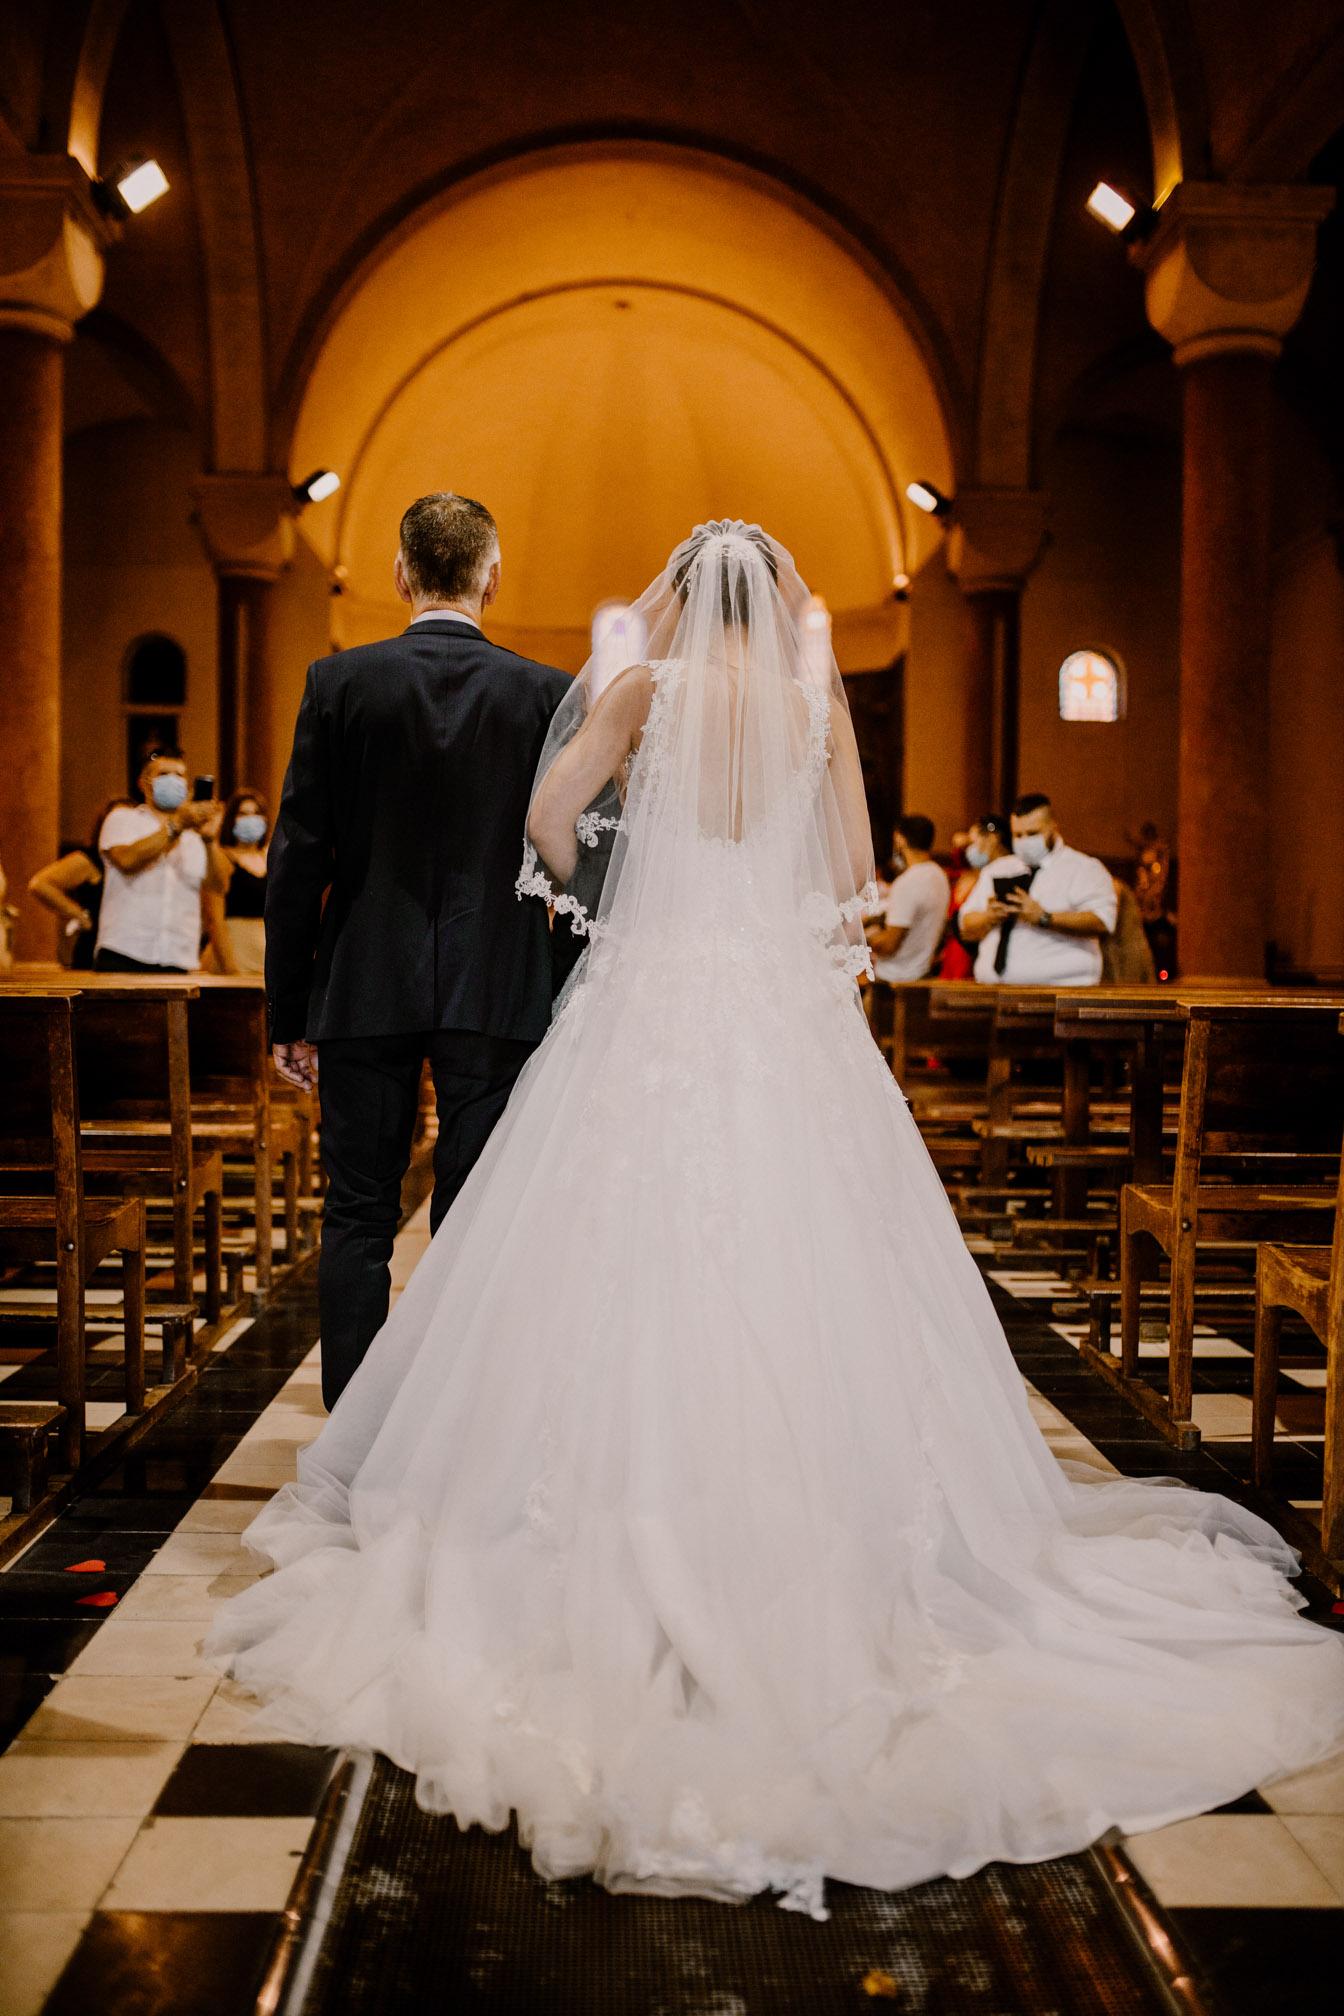 Mariage à l'église Sainte Jeanne d'Arc à Toulon